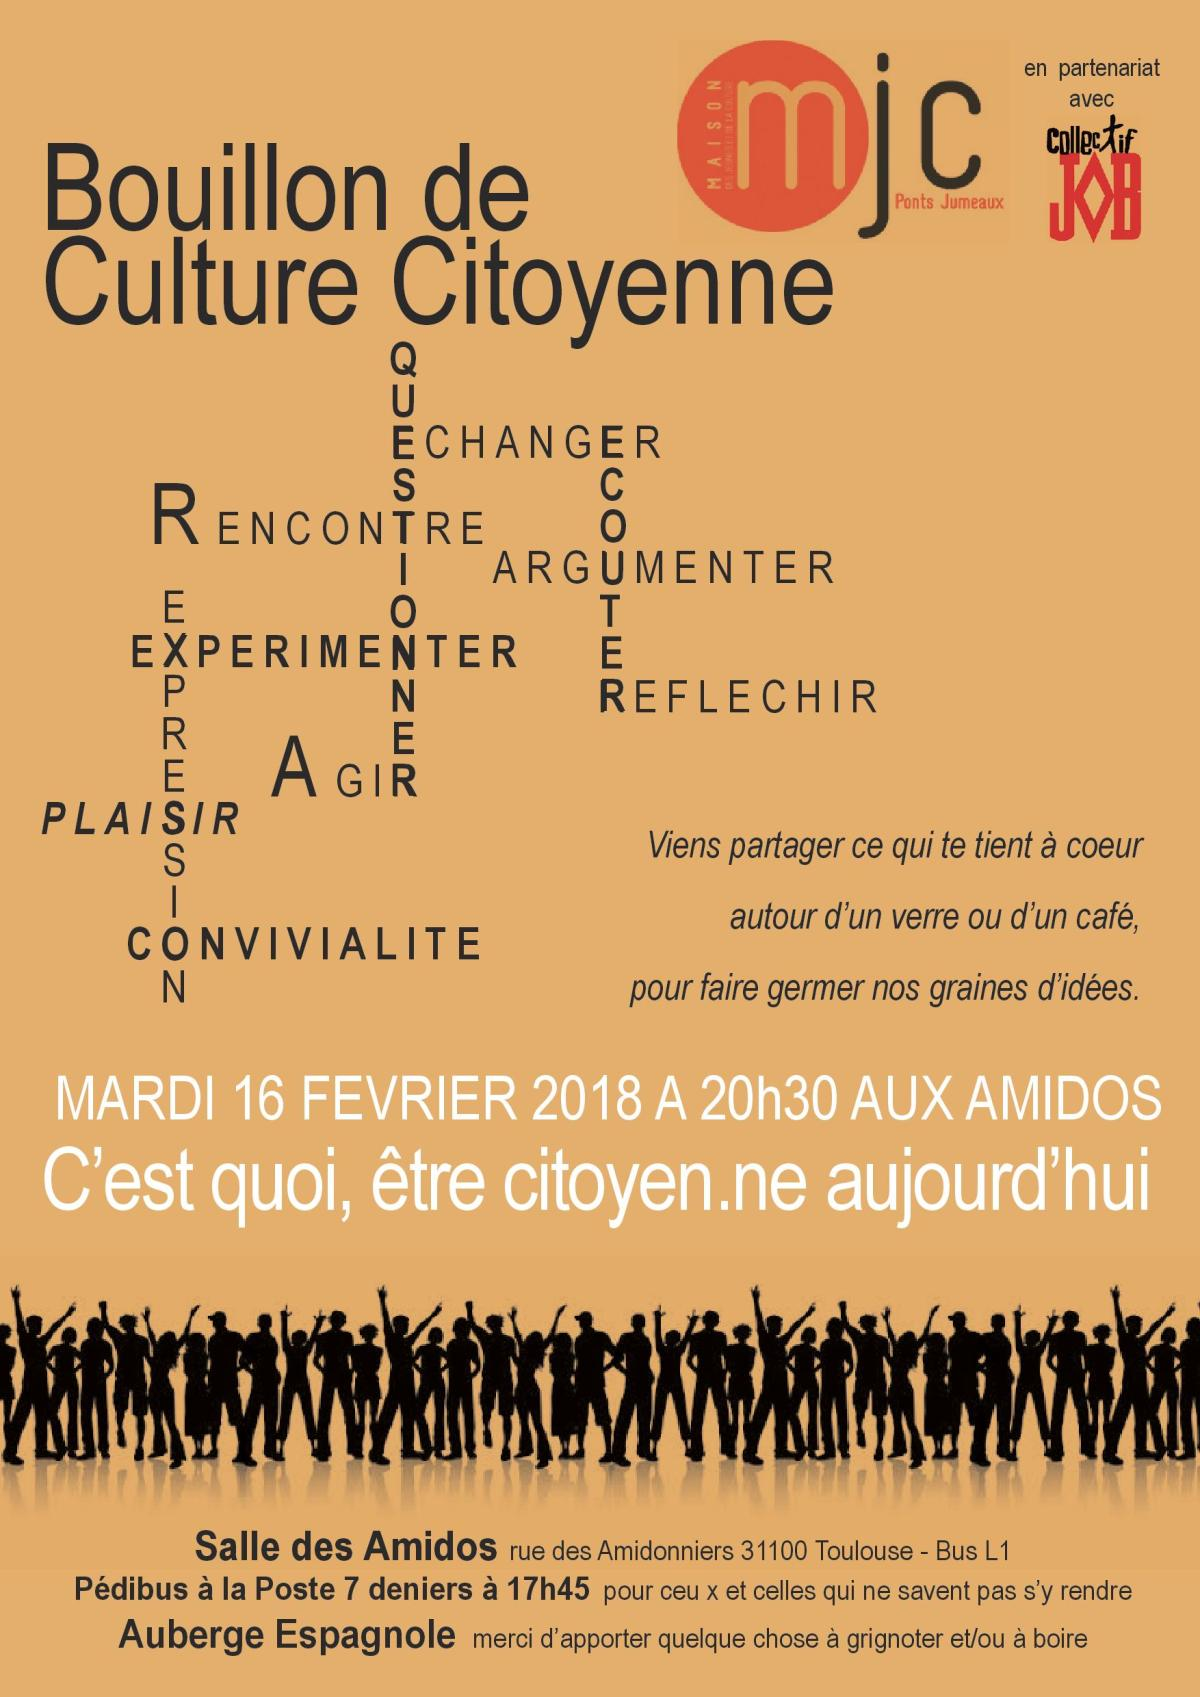 Bouillon de culture citoyenne – Vendredi 16 février à 20h30